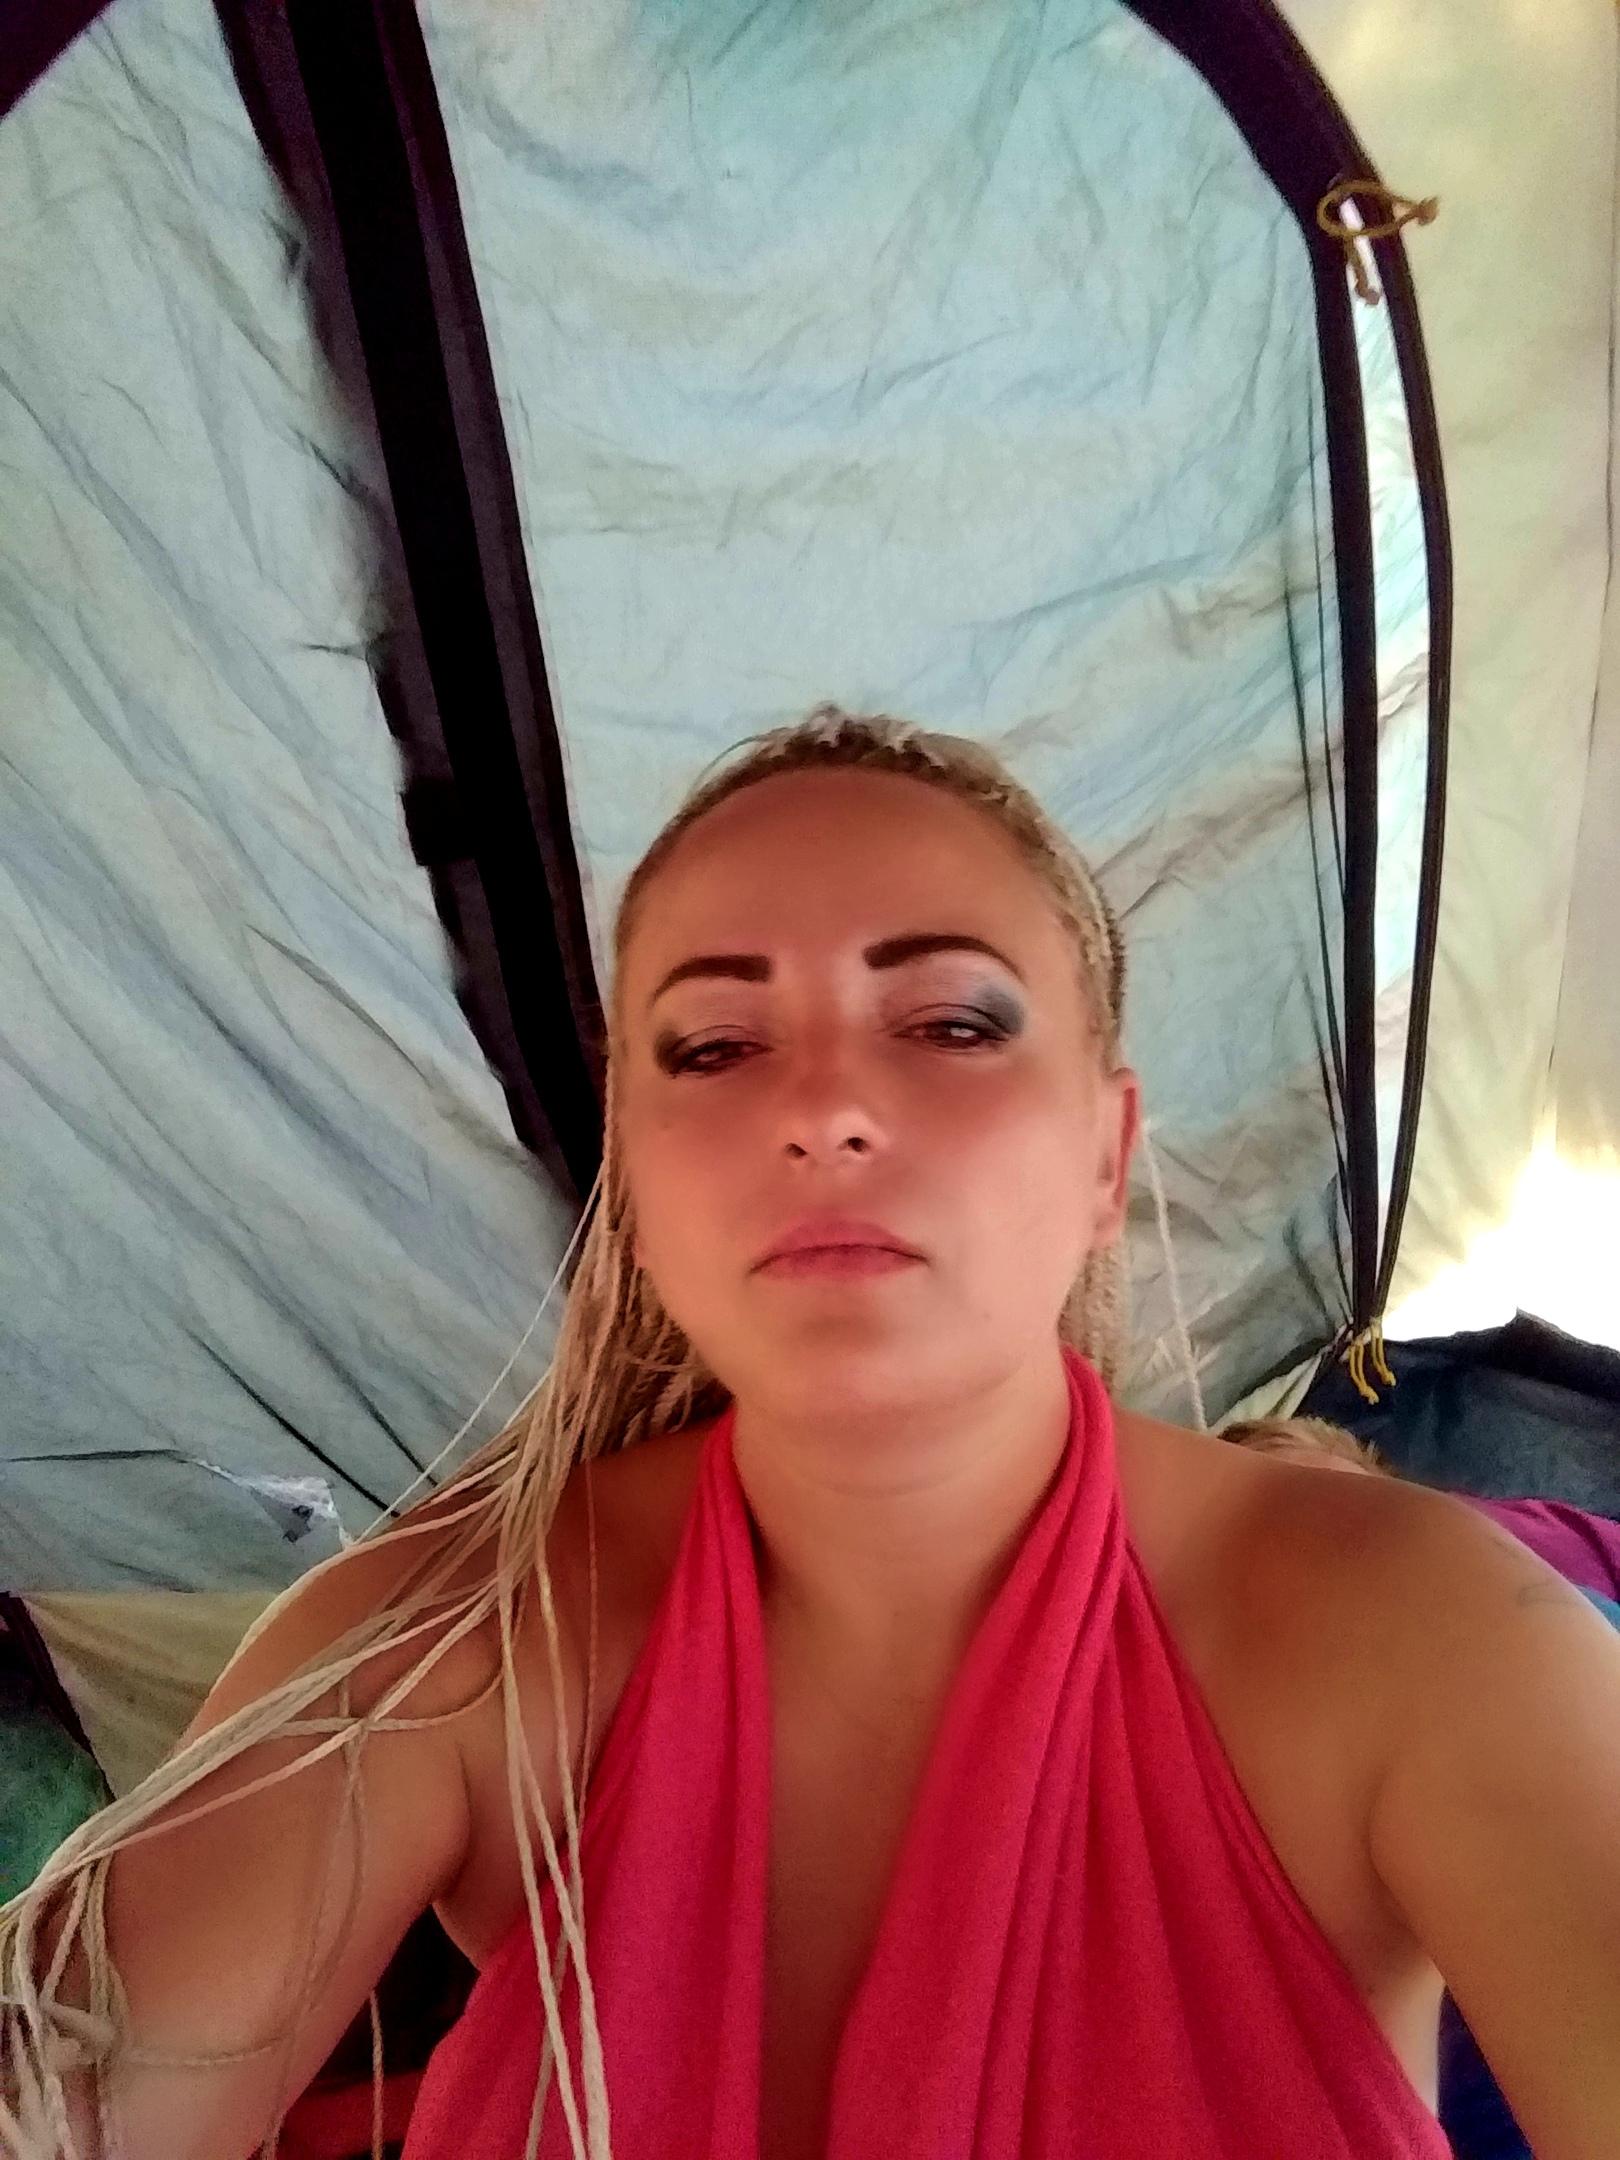 Елена Руденко (Валтея). Эзотерический фестиваль. Одесская сказка 2018 г. - Страница 8 FUUT1hUwrQA